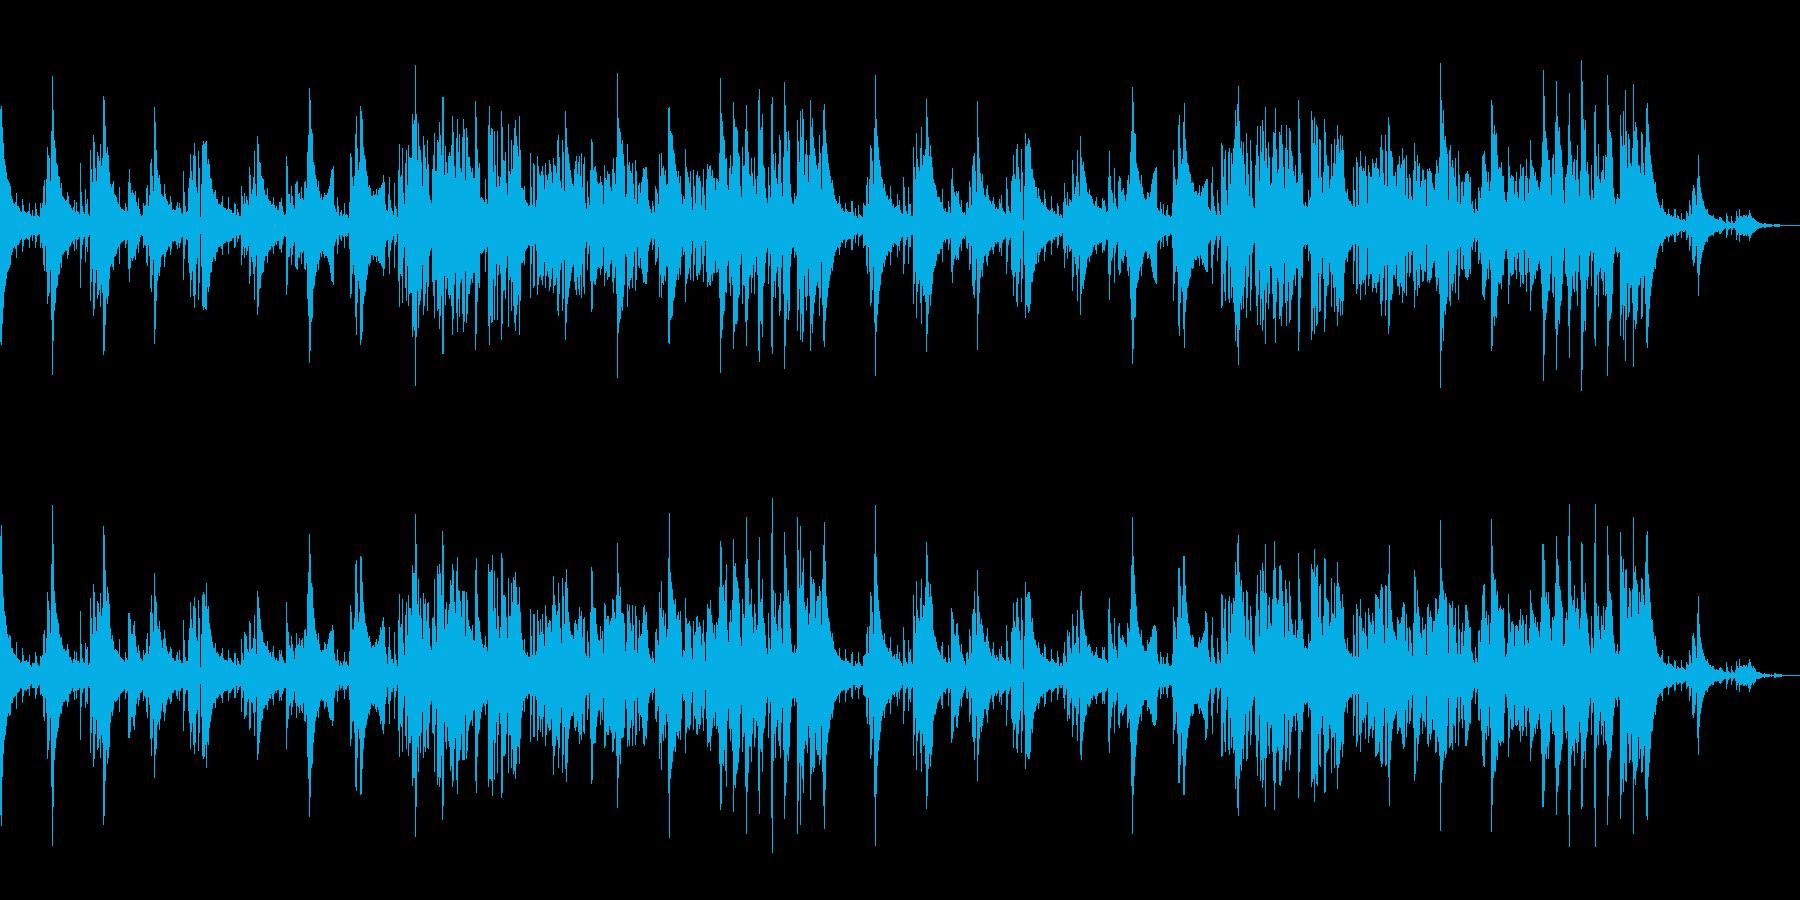 おしゃれなバーの雰囲気のジャズ楽曲の再生済みの波形